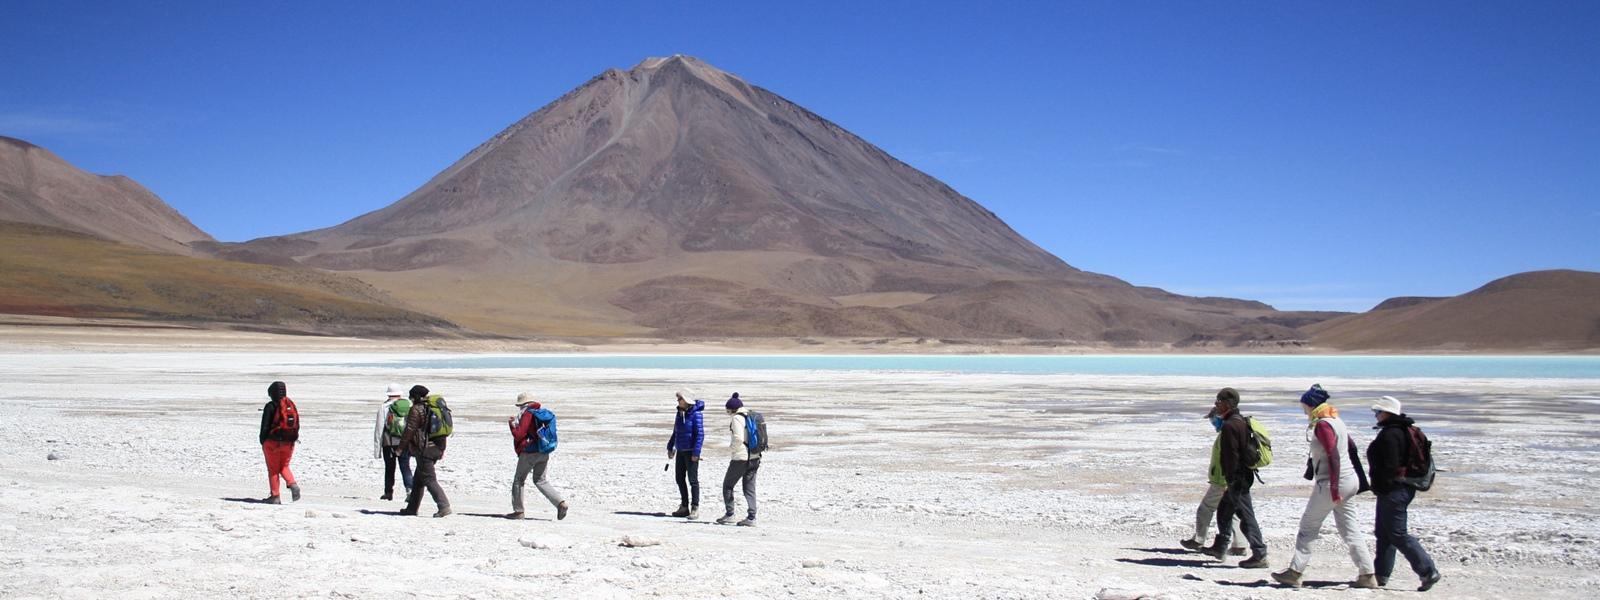 Laguna verde - Volcan Licancabur-Bolivie